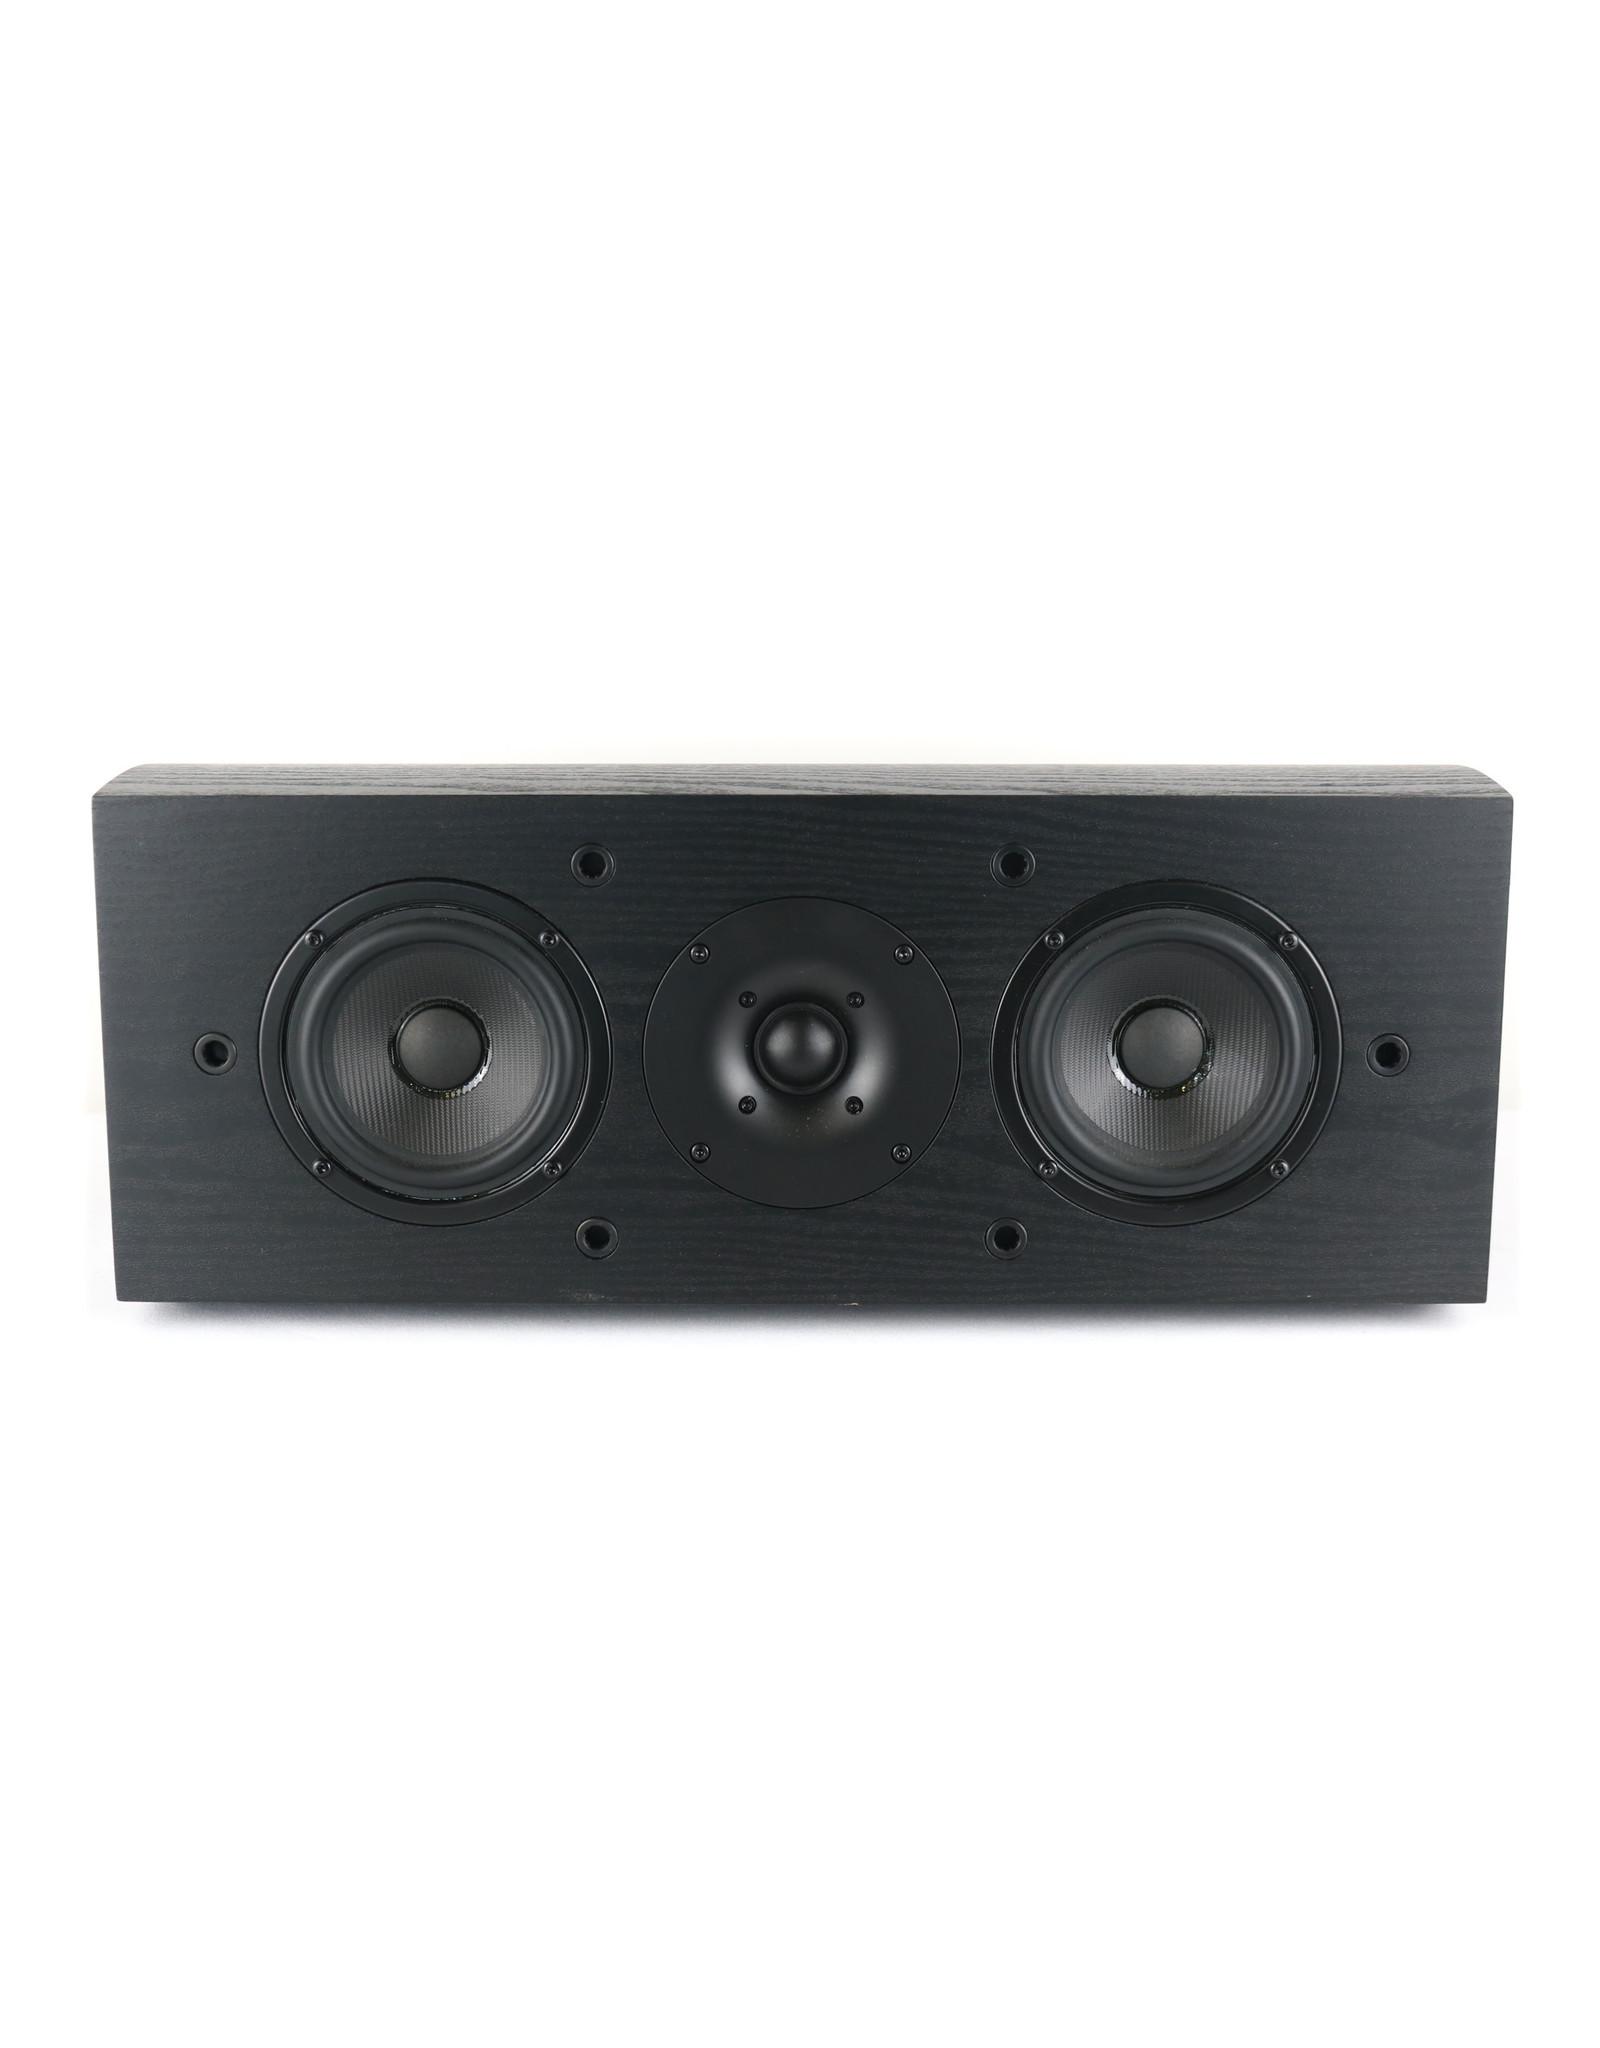 Pioneer Pioneer SP-C22 Center Speaker USED